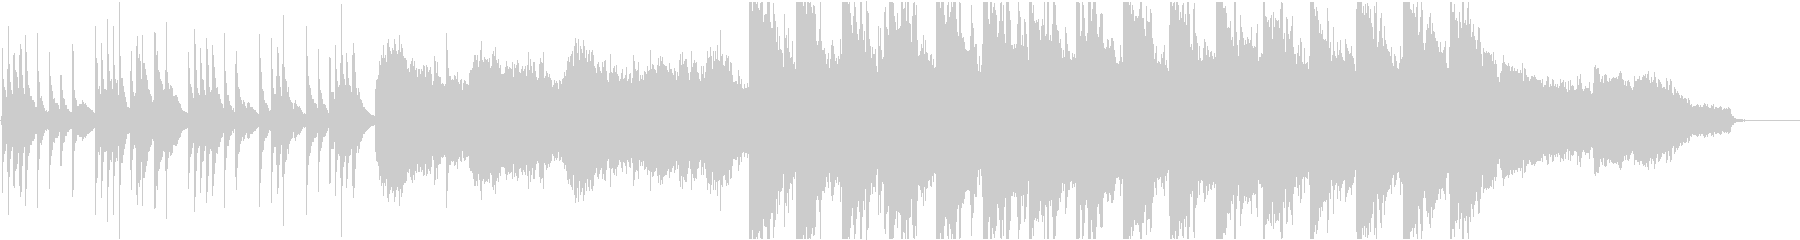 企業VP30 16bit44kHzVerの未再生の波形